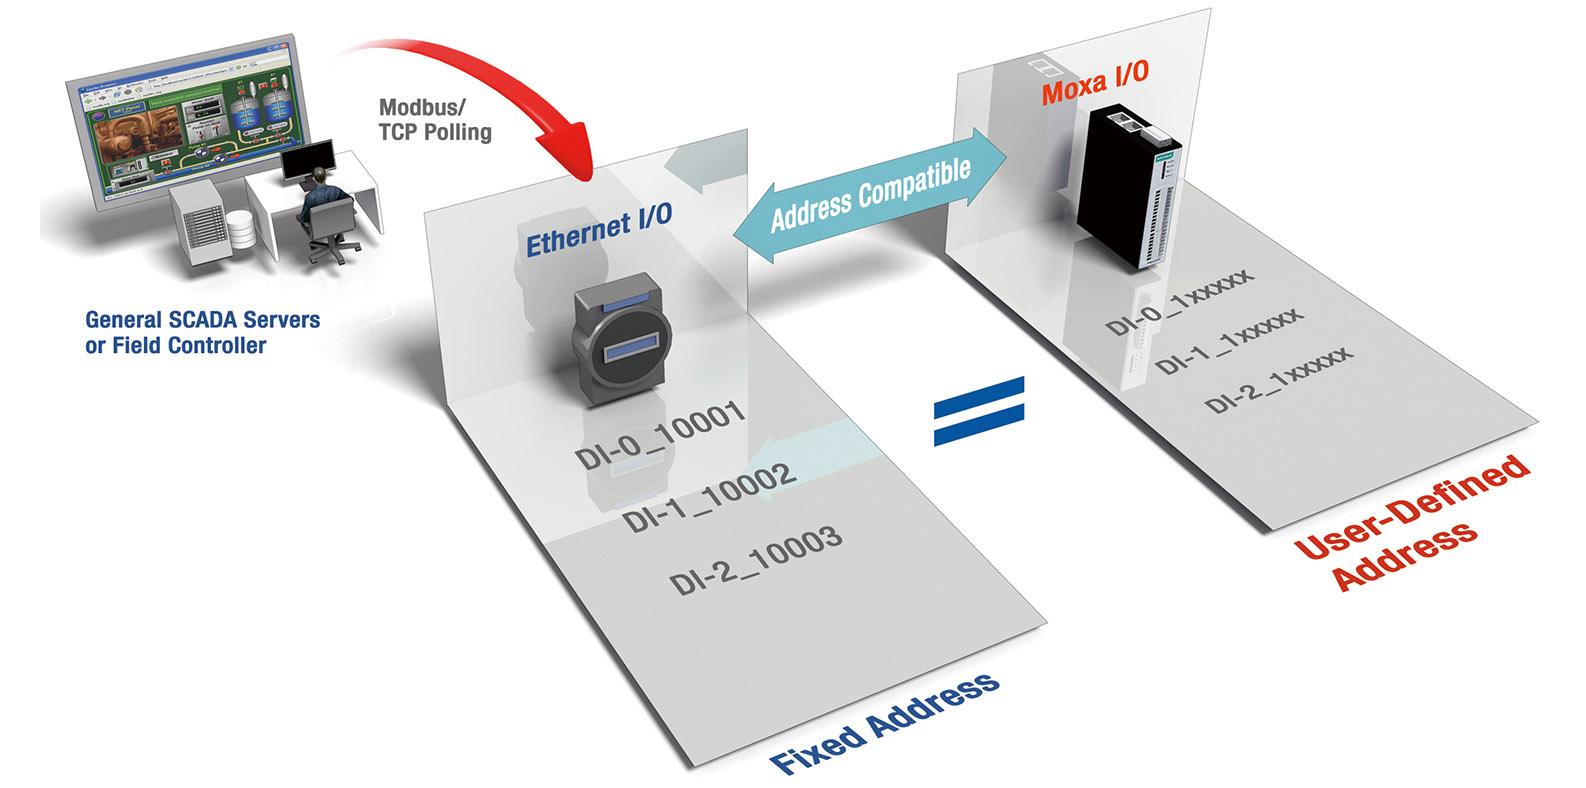 Schema Collegamento Ethernet : Iologik e1200 series universal controllers & i os moxa